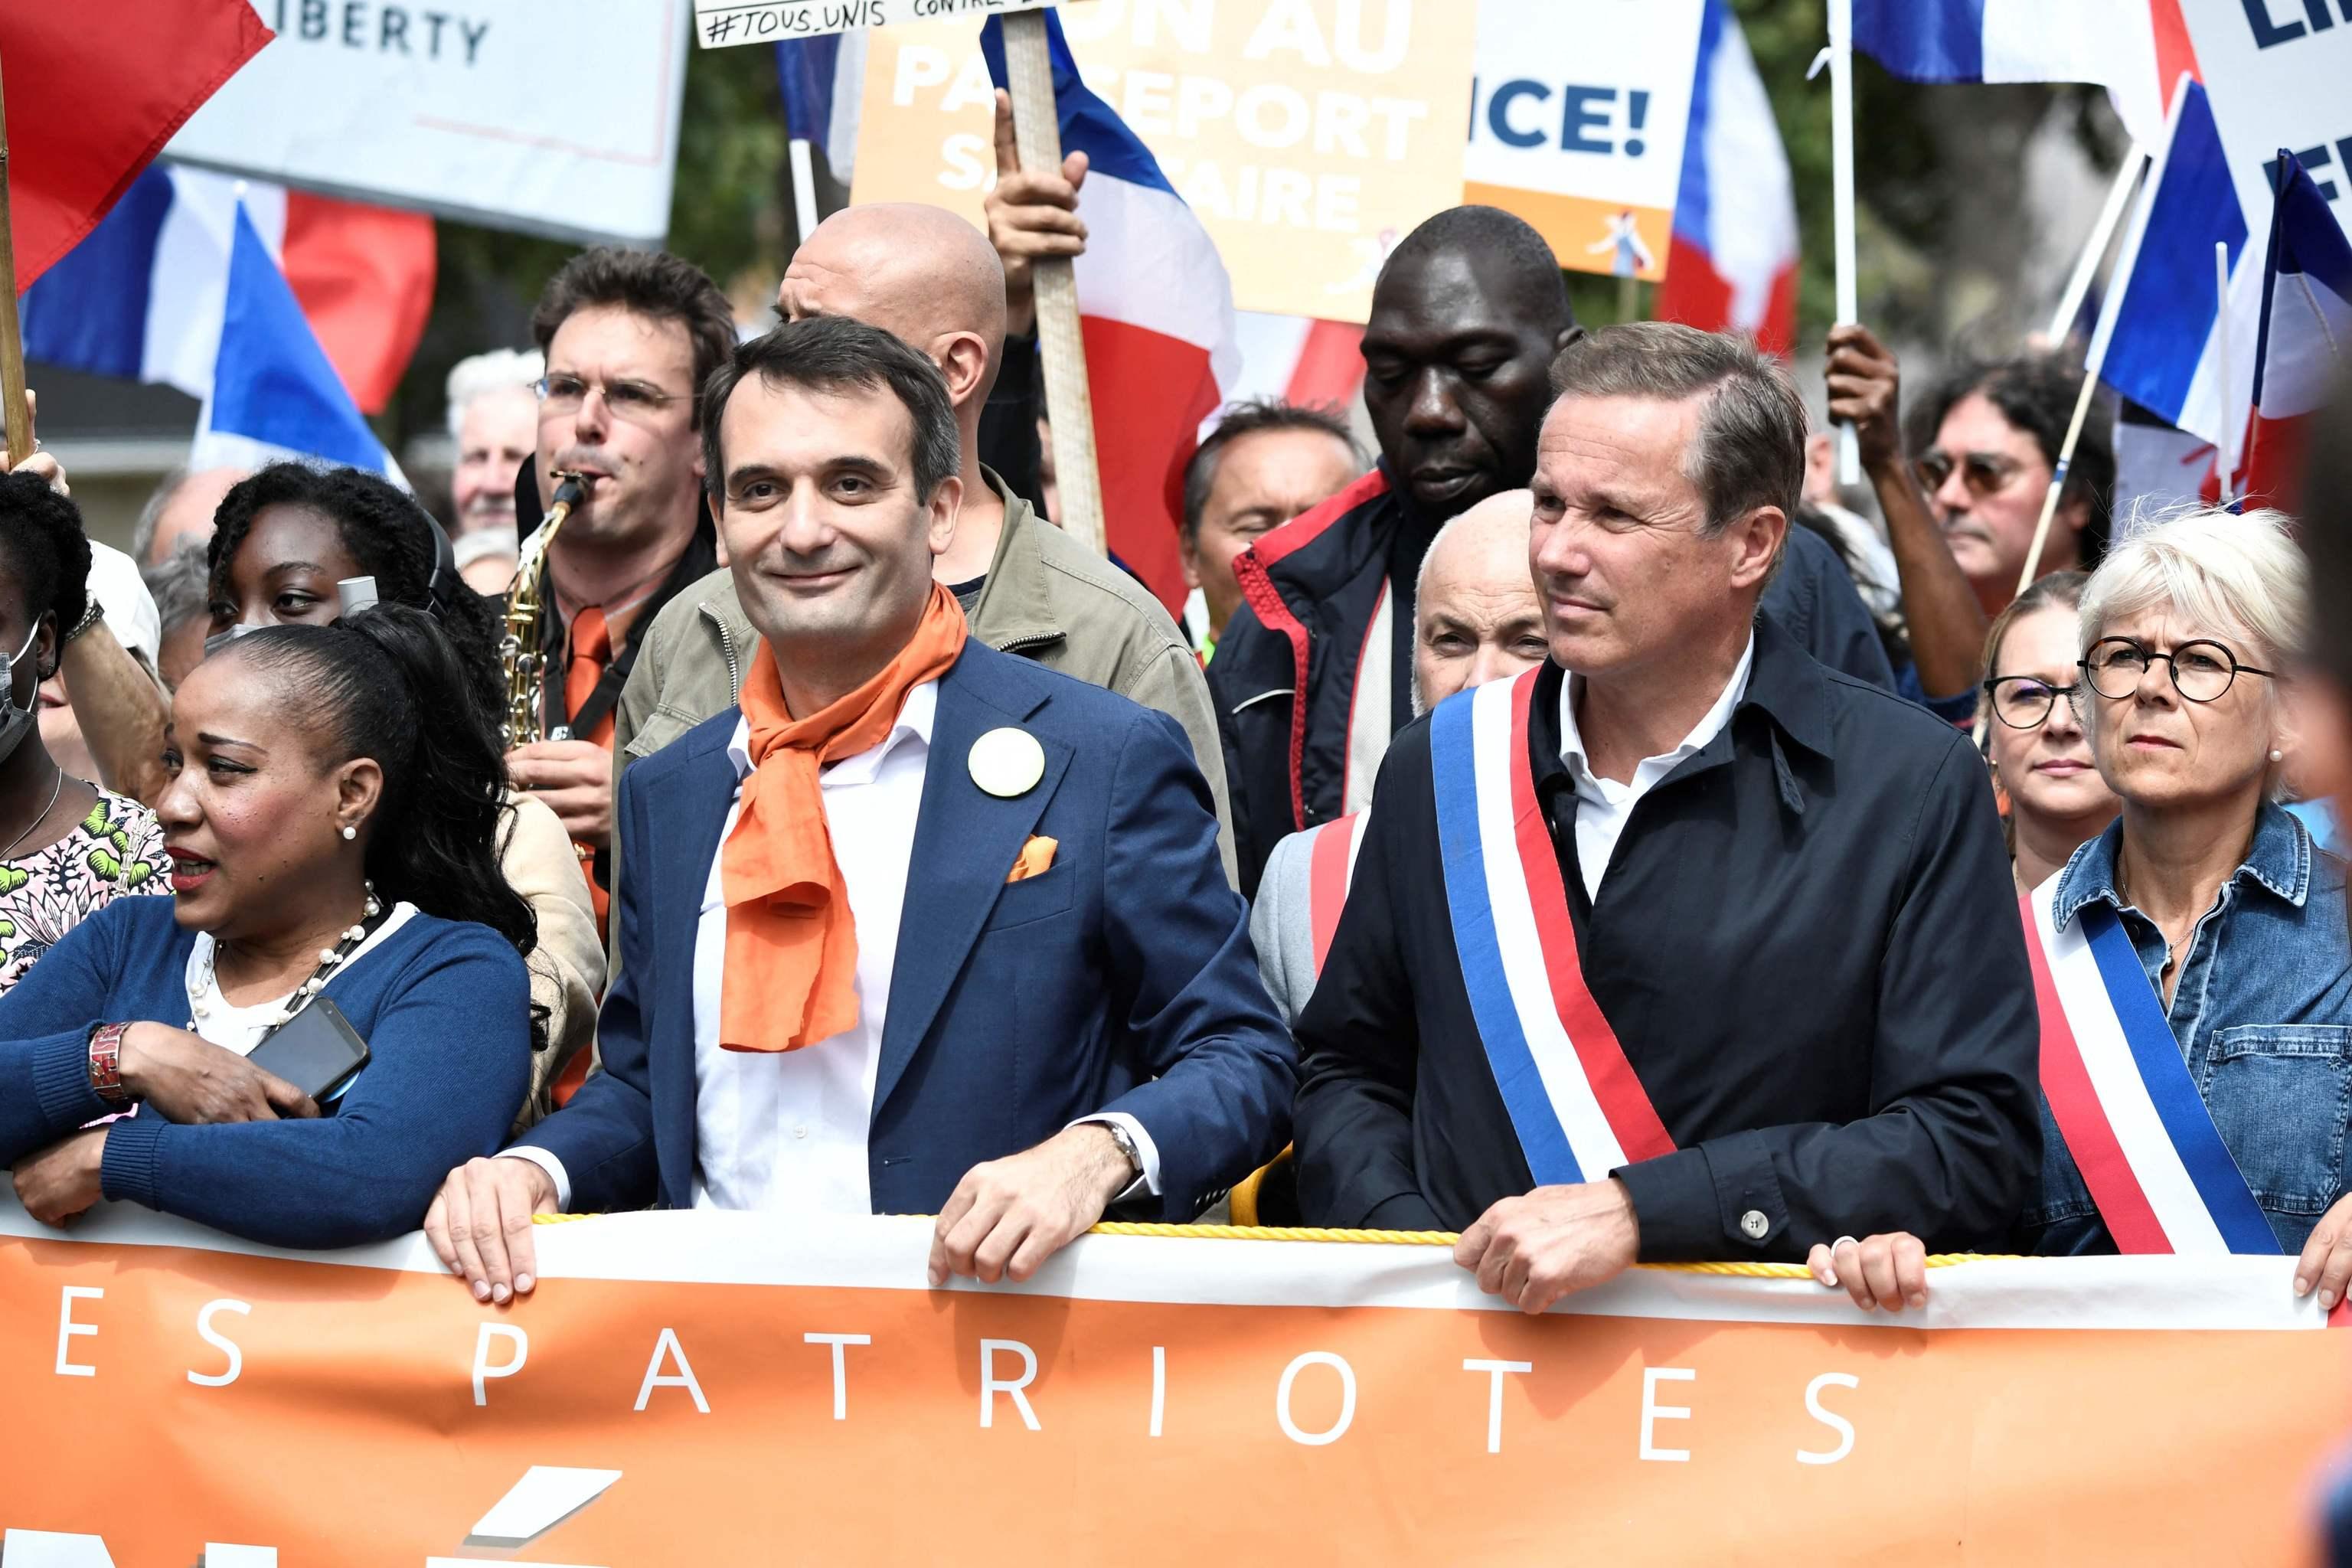 El ultraderechista Florian Philippot encabezando una de las manifestaciones de París.